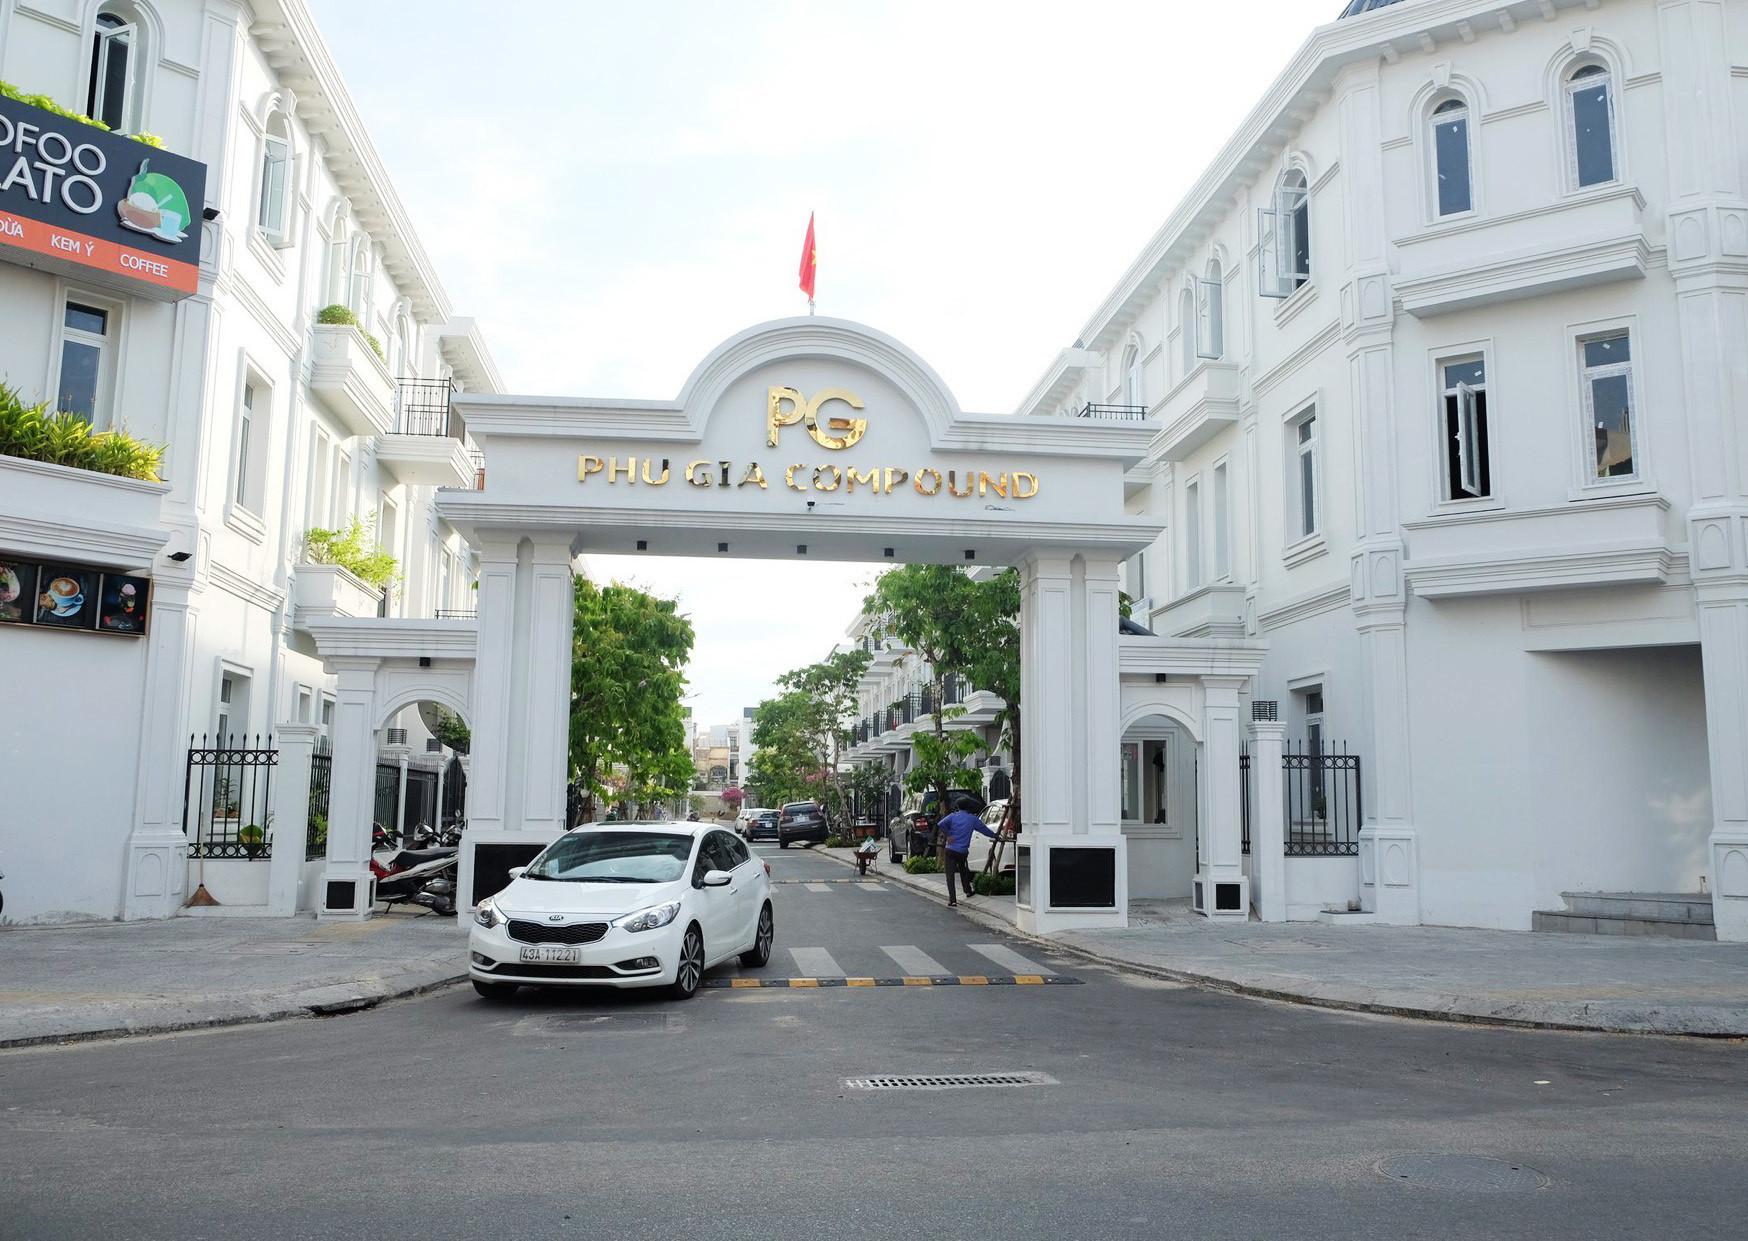 Đà Nẵng thông tin hủy quyết định giá đất tại dự án Phú Gia Compound